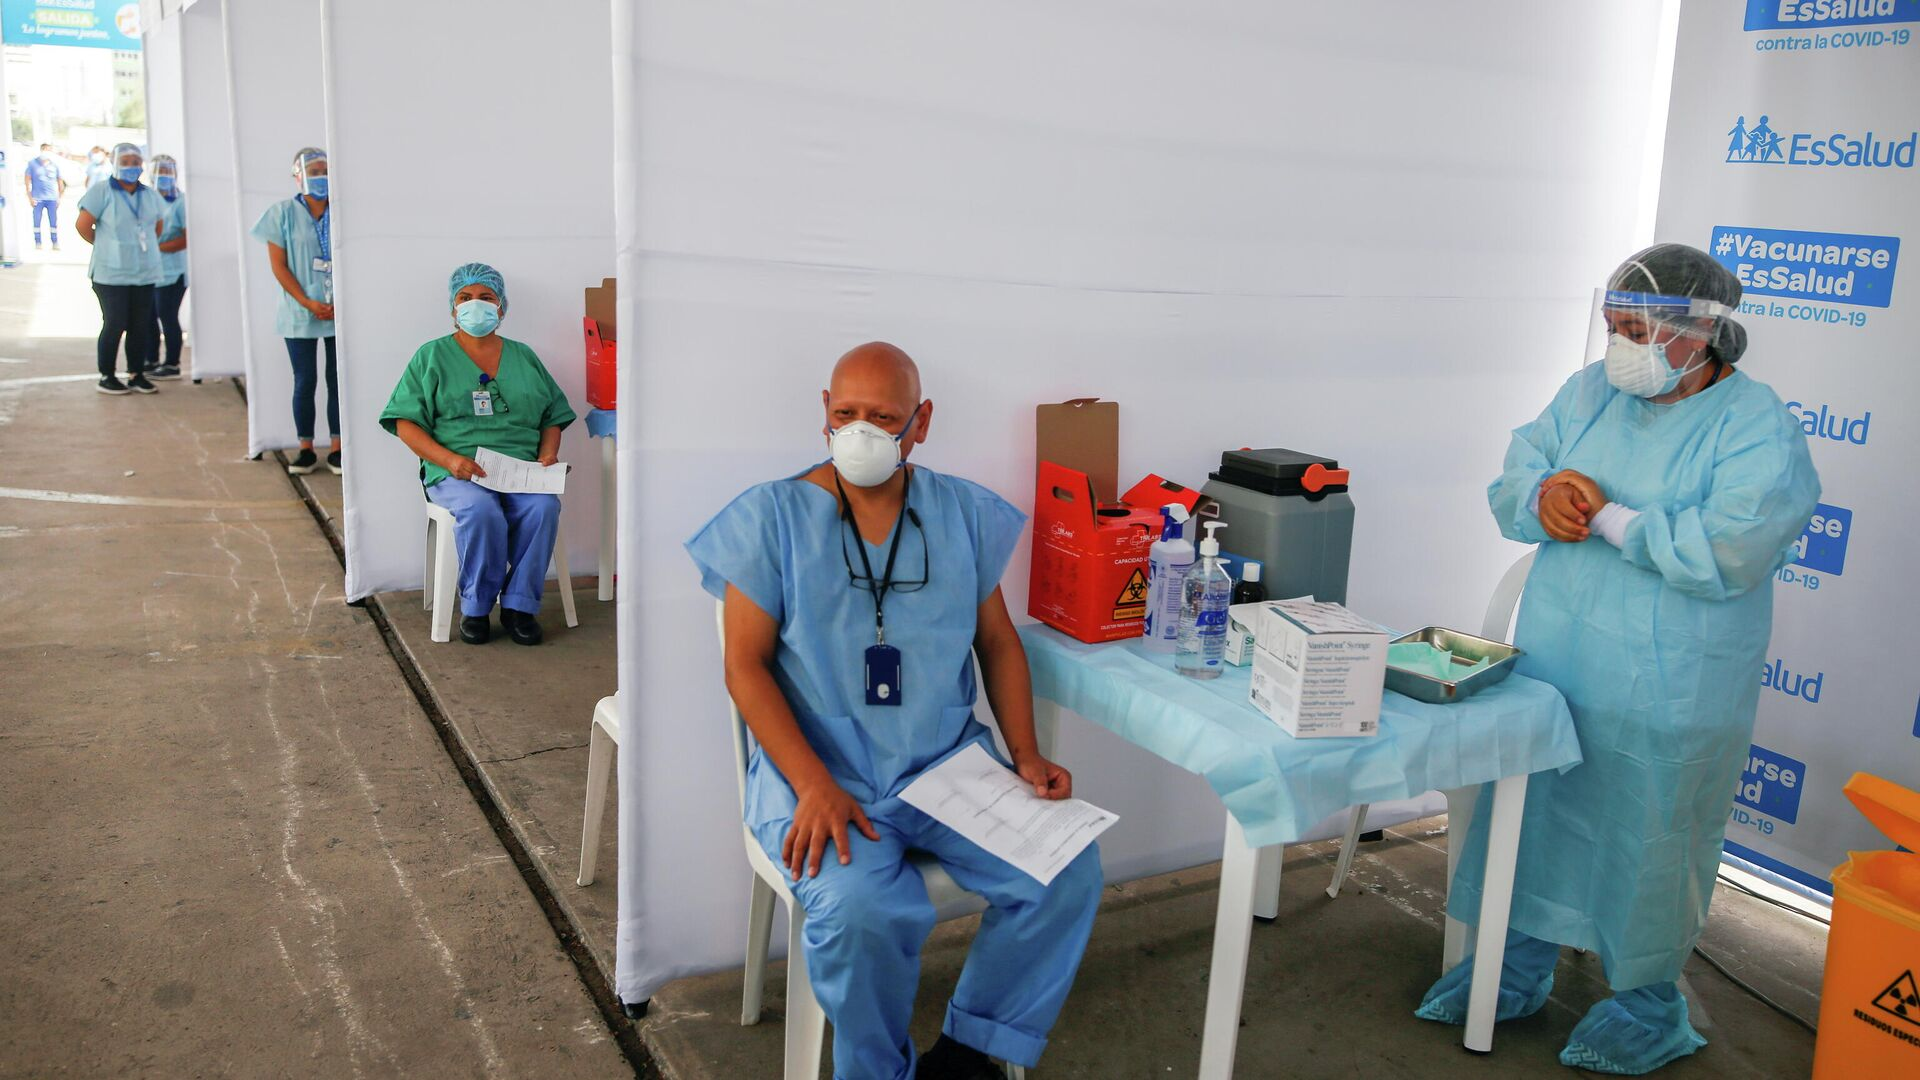 Vacunación contra COVID-19 en Lima, Perú - Sputnik Mundo, 1920, 04.03.2021